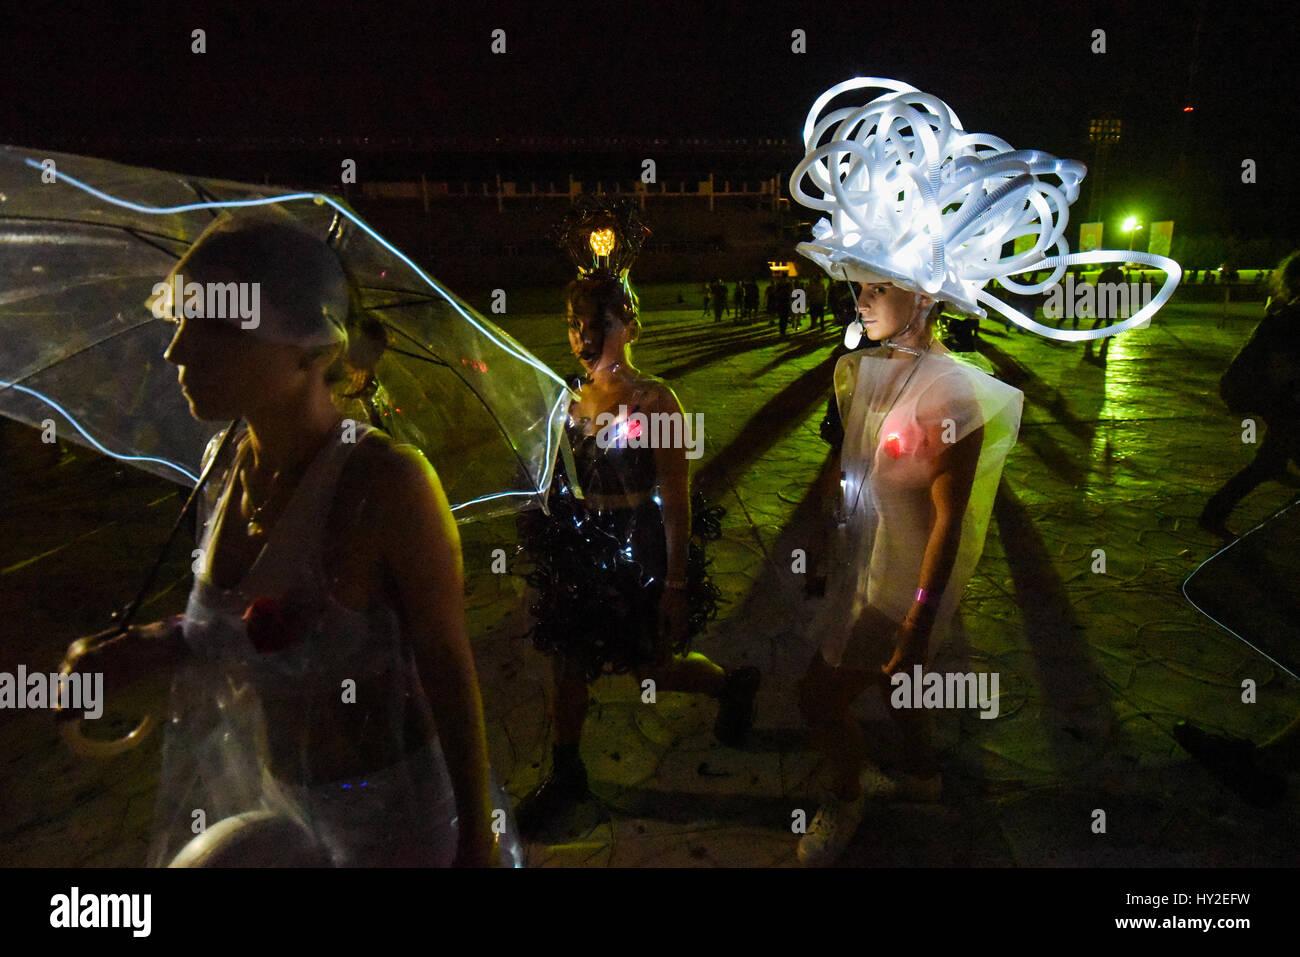 Buenos Aires, Argentine. 31 mars, 2017. Fashion Show 2017 18/12/06 pendant la fête de la musique. Crédit: Photo Stock